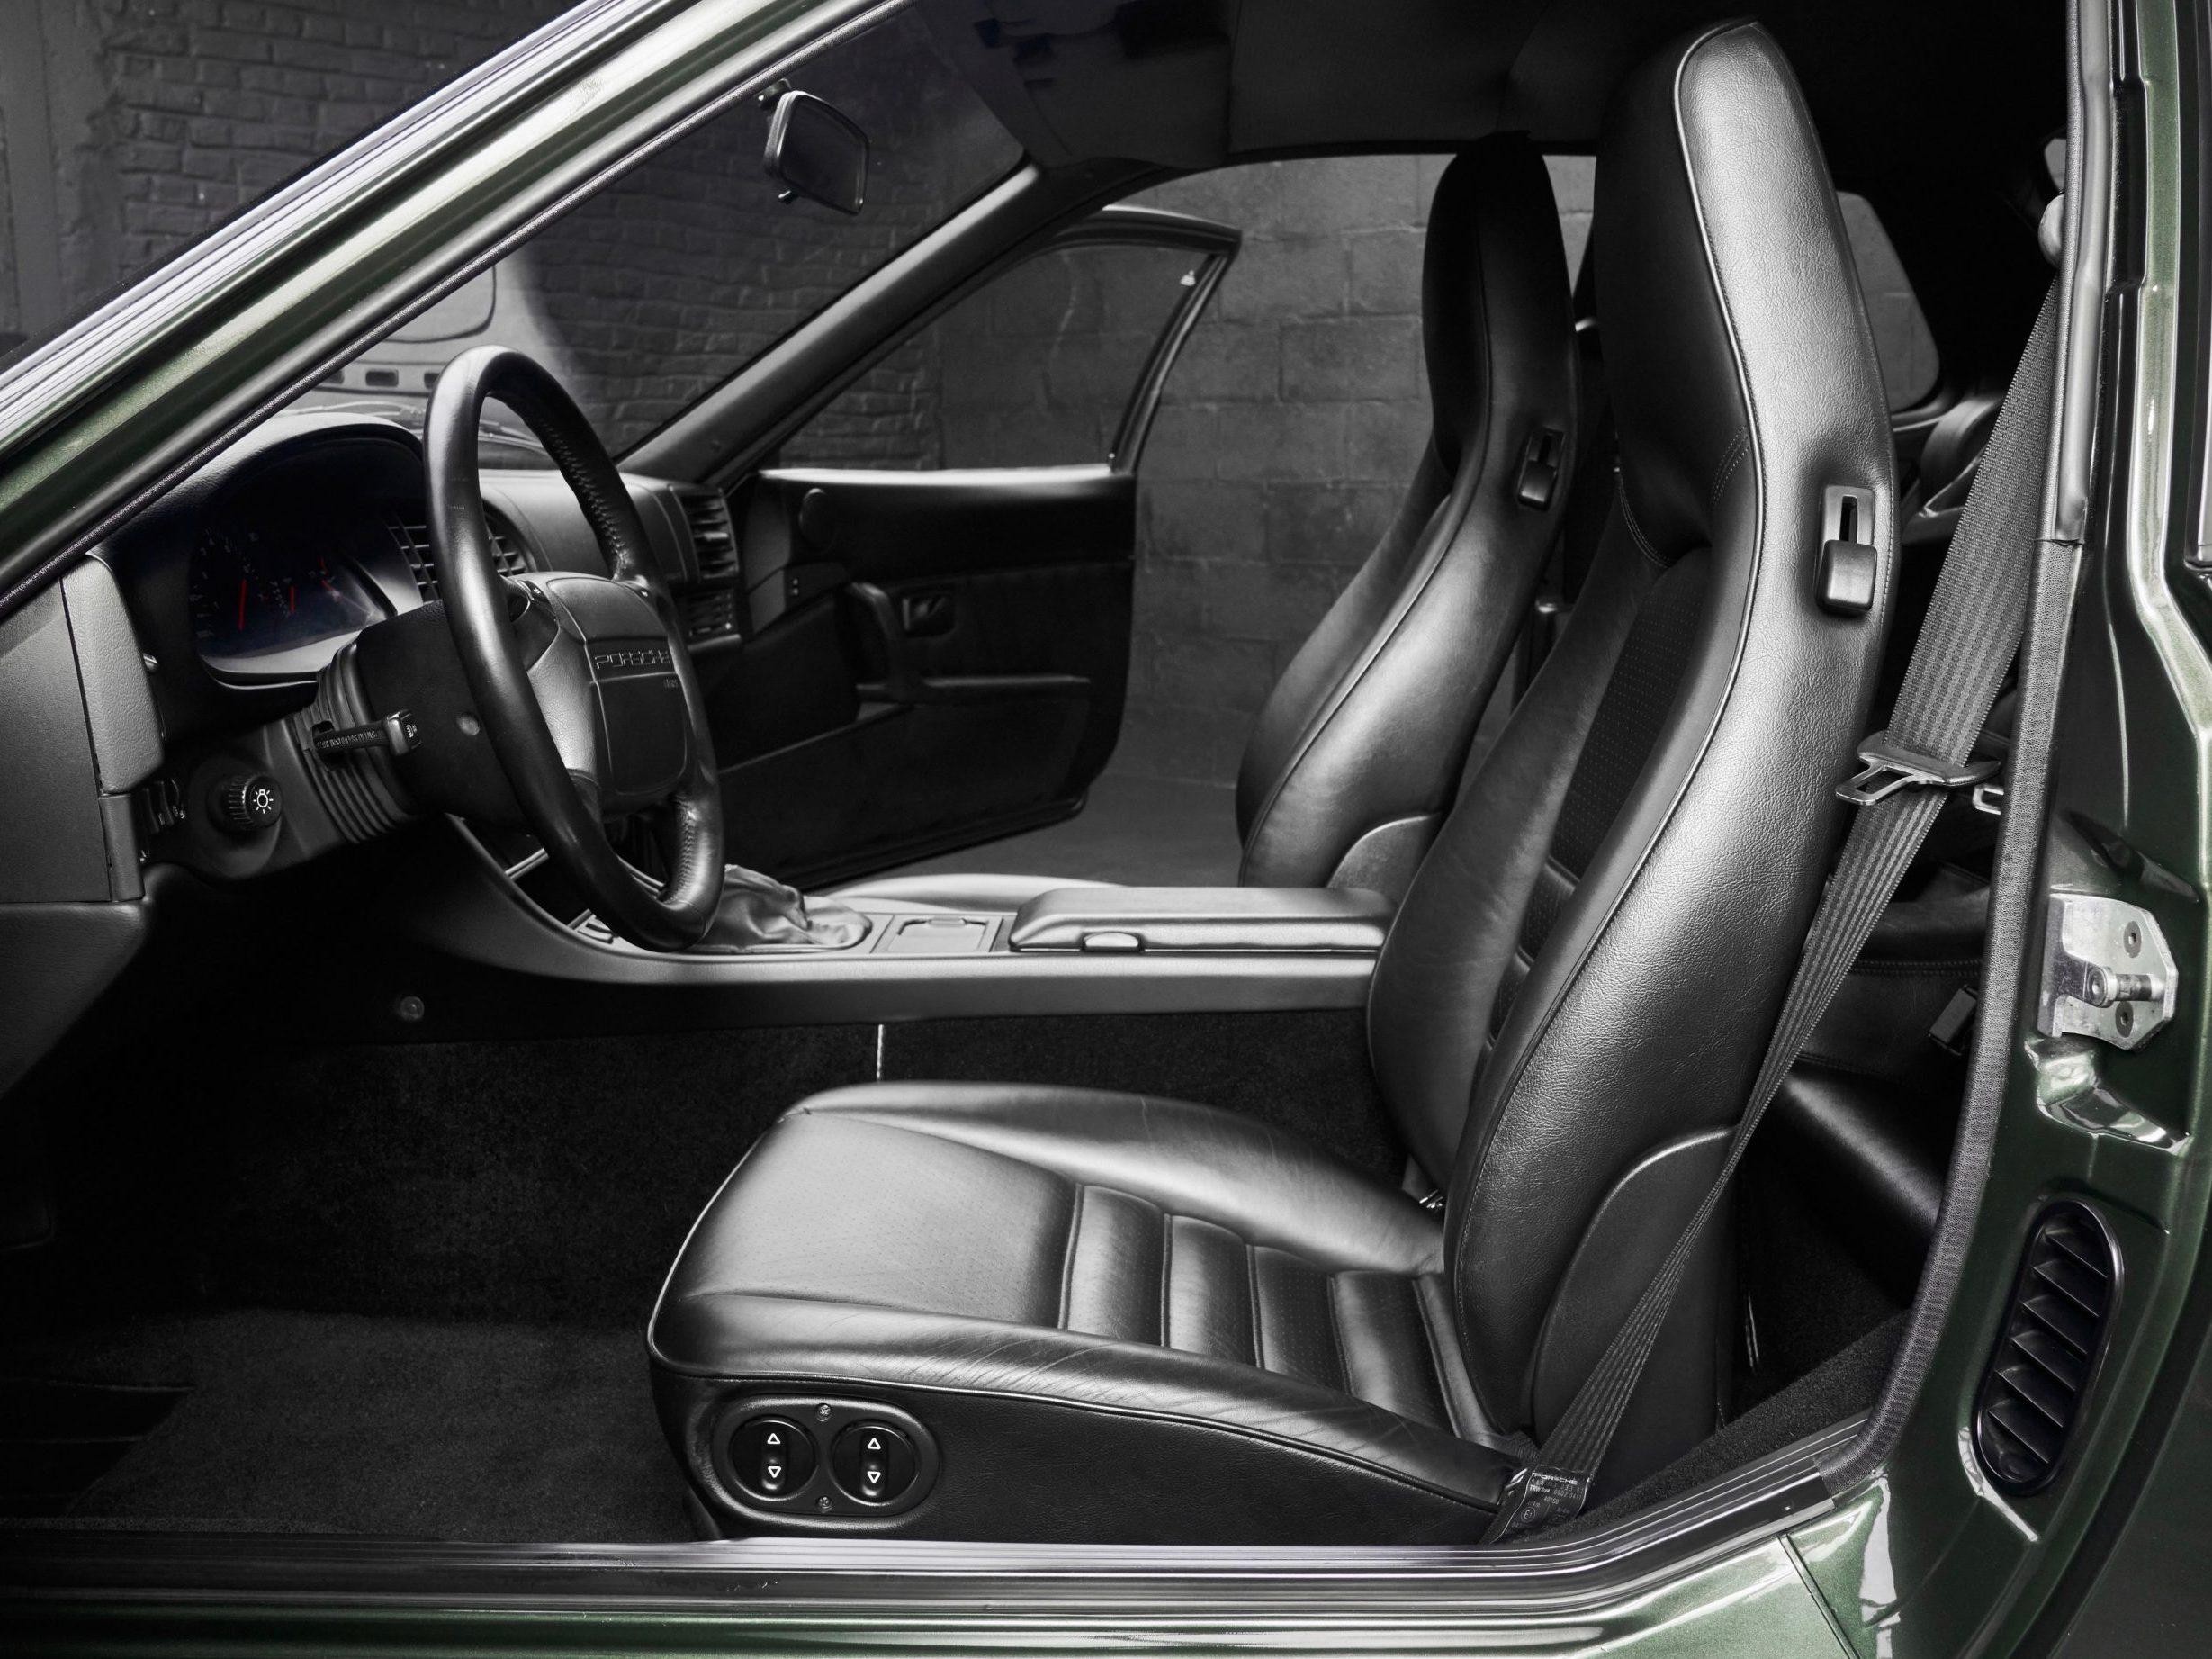 Photo de l'intérieur cuir noir d'une Porsche 968 coupé verte d'occasion de 1994 en vente chez CLASSIC 42 - Achat/Vente de voitures classiques allemandes